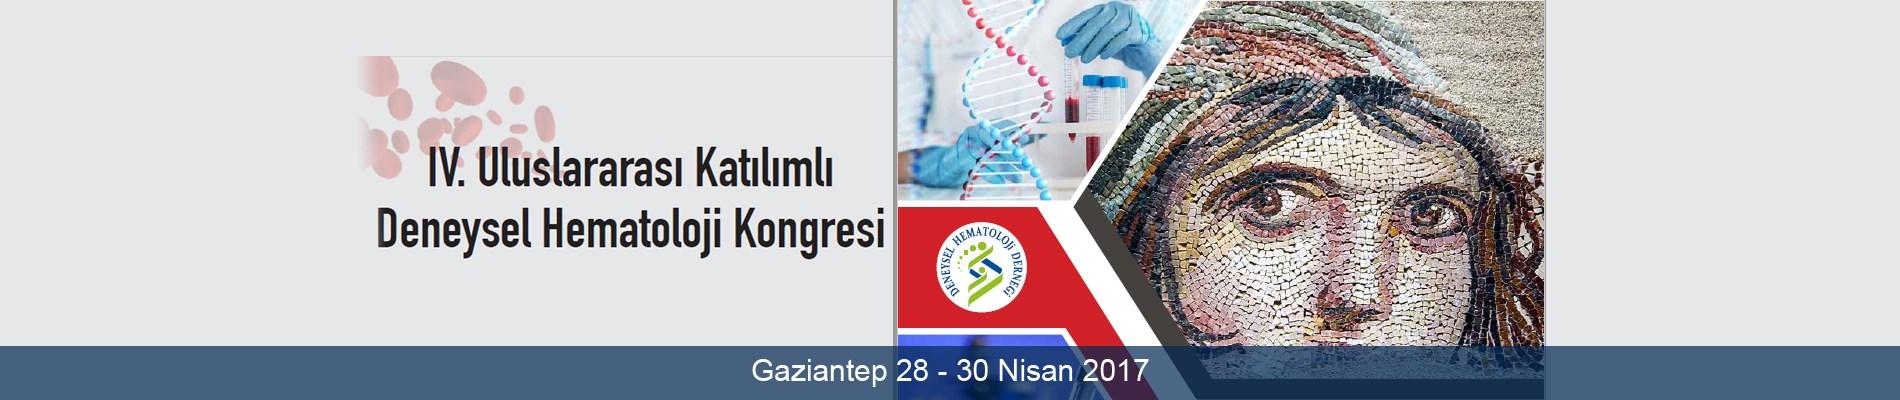 Deneysel Hematoloji Kongresi